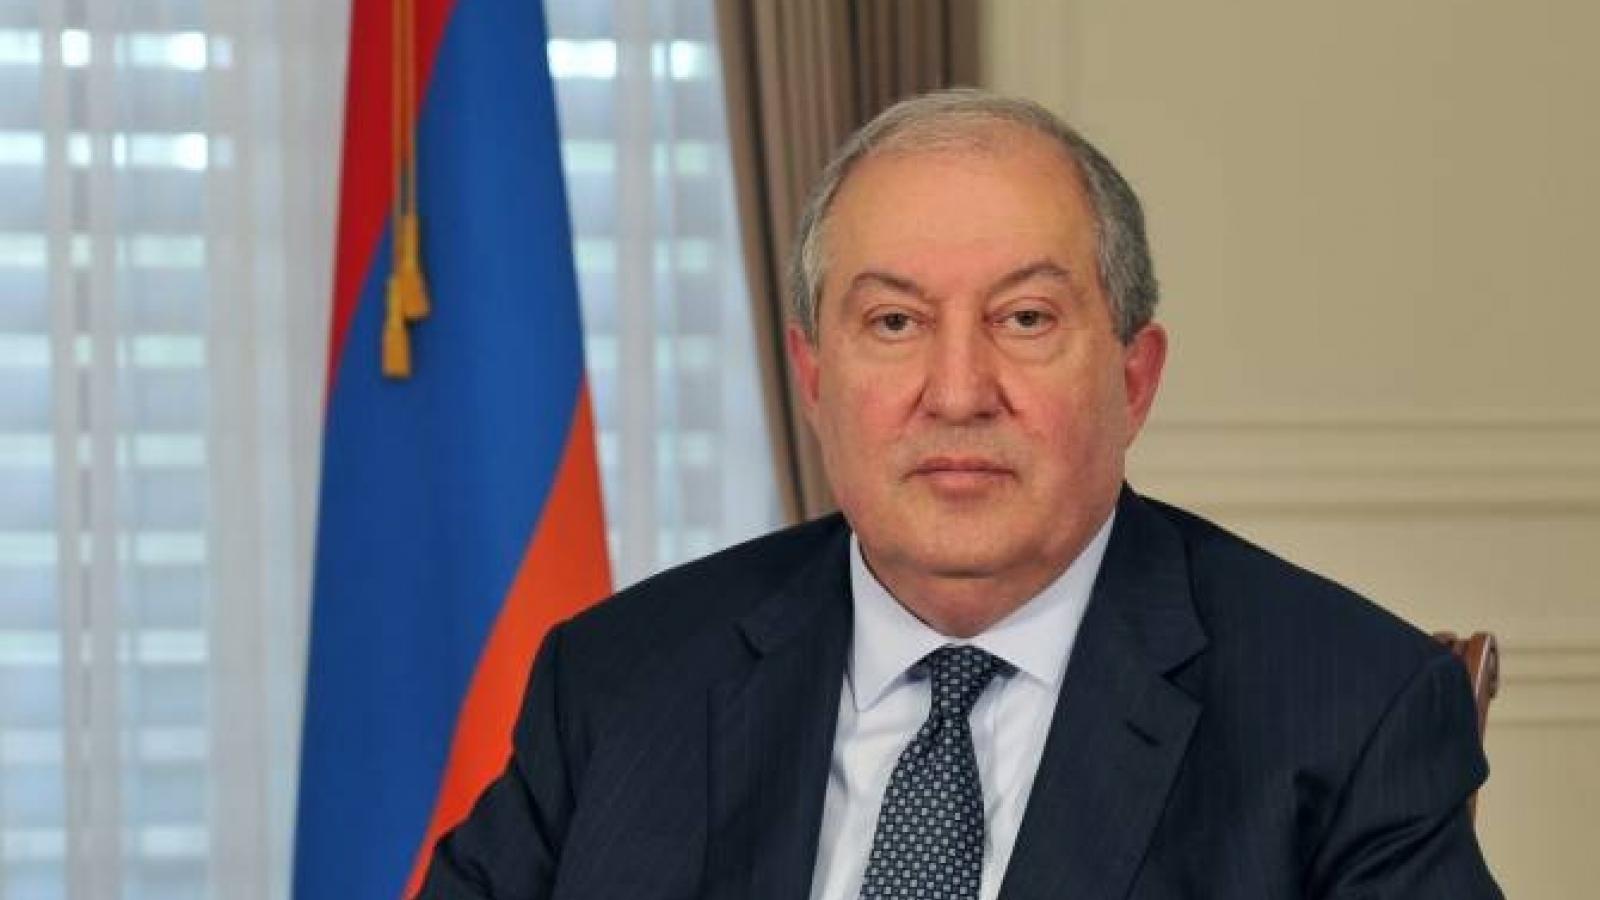 Tổng thống Armenia Sarkissian thực hiện chuyến thăm cá nhân tới Nga